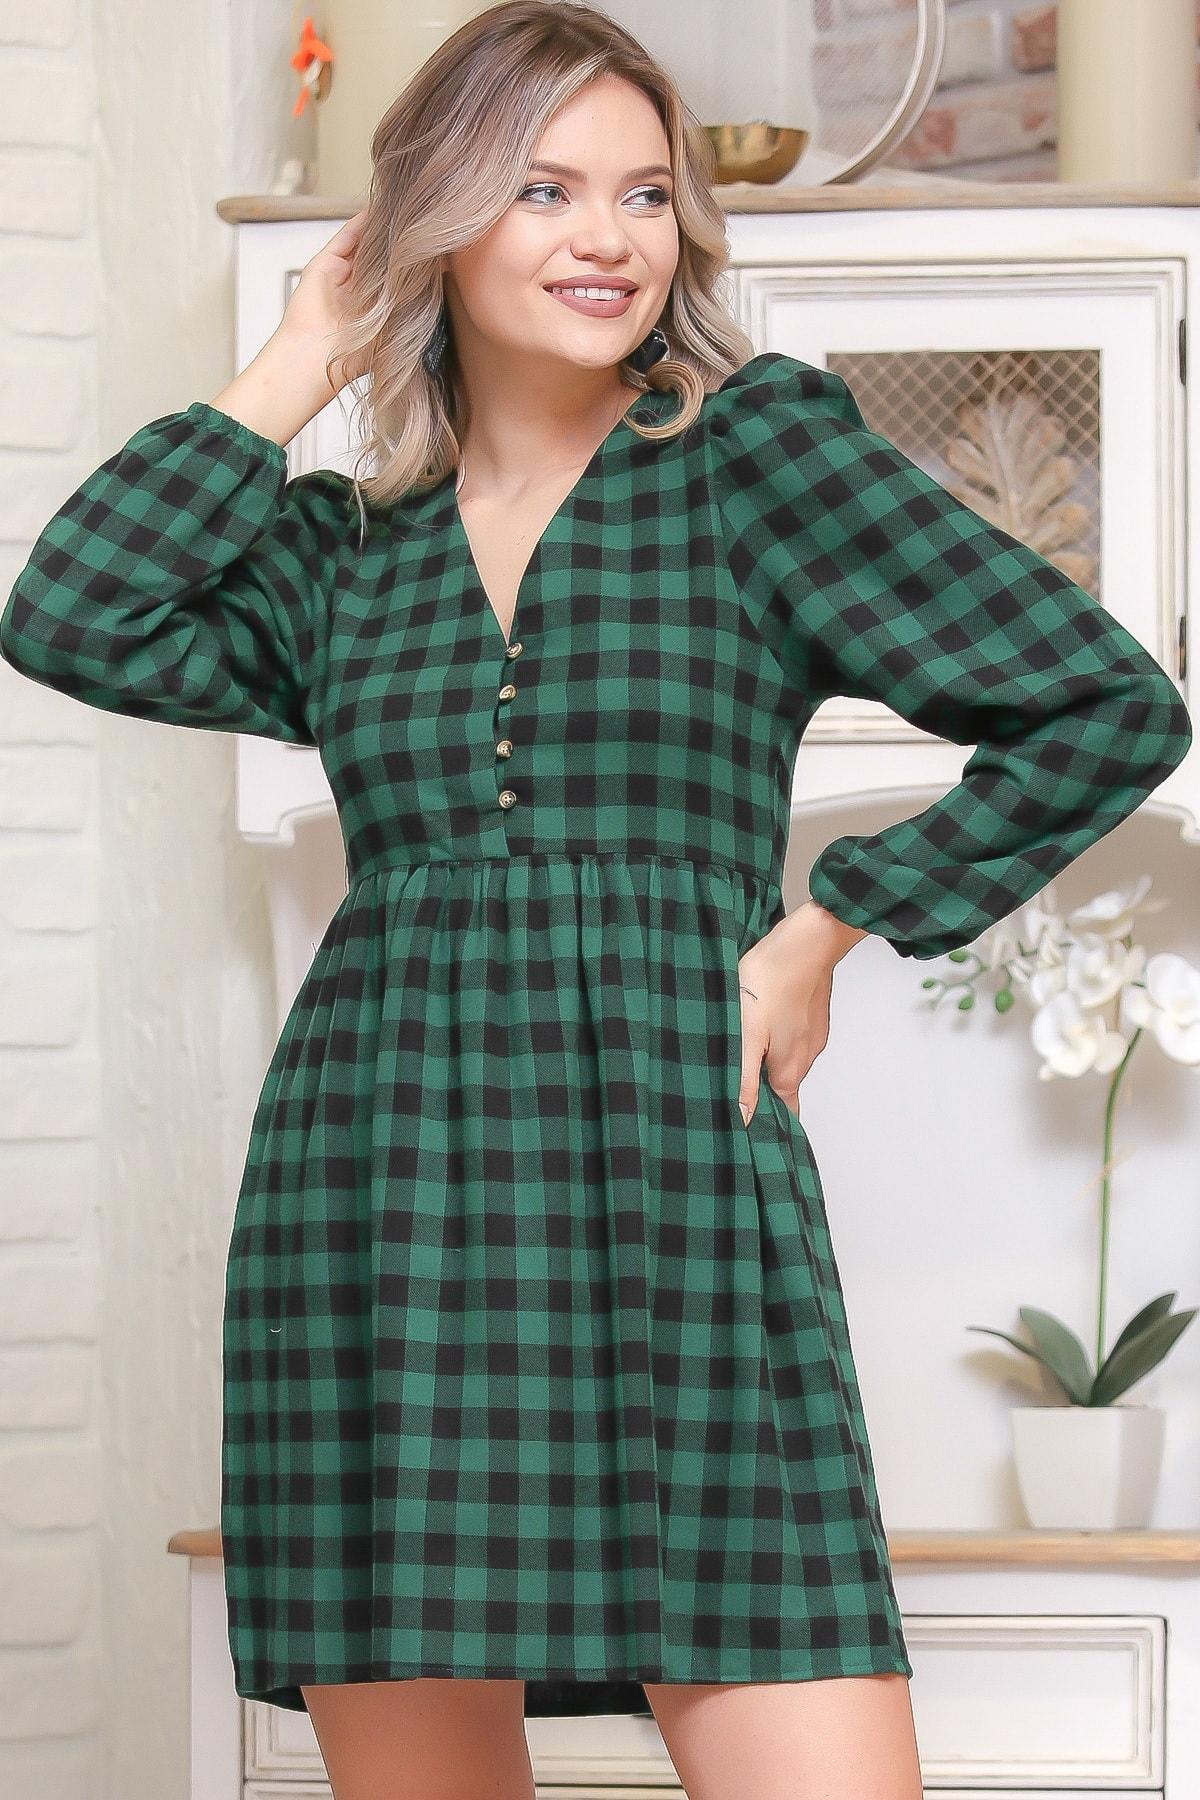 Chiccy Kadın Multİ Ekose Desen Düğme Detaylı Retro Elbise M10160000EL95976 1